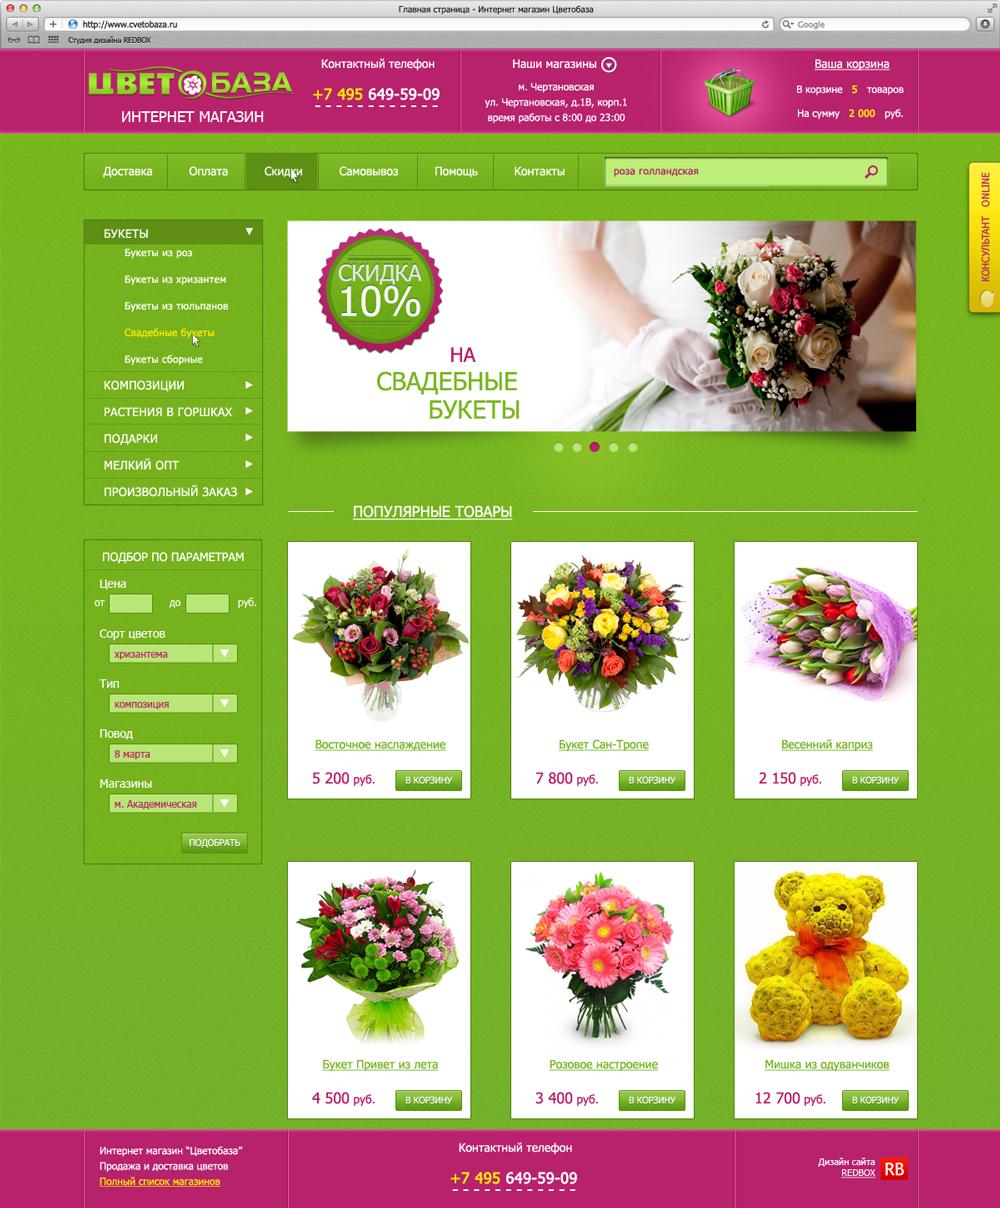 Главная страница интернет магазина по продаже цветов